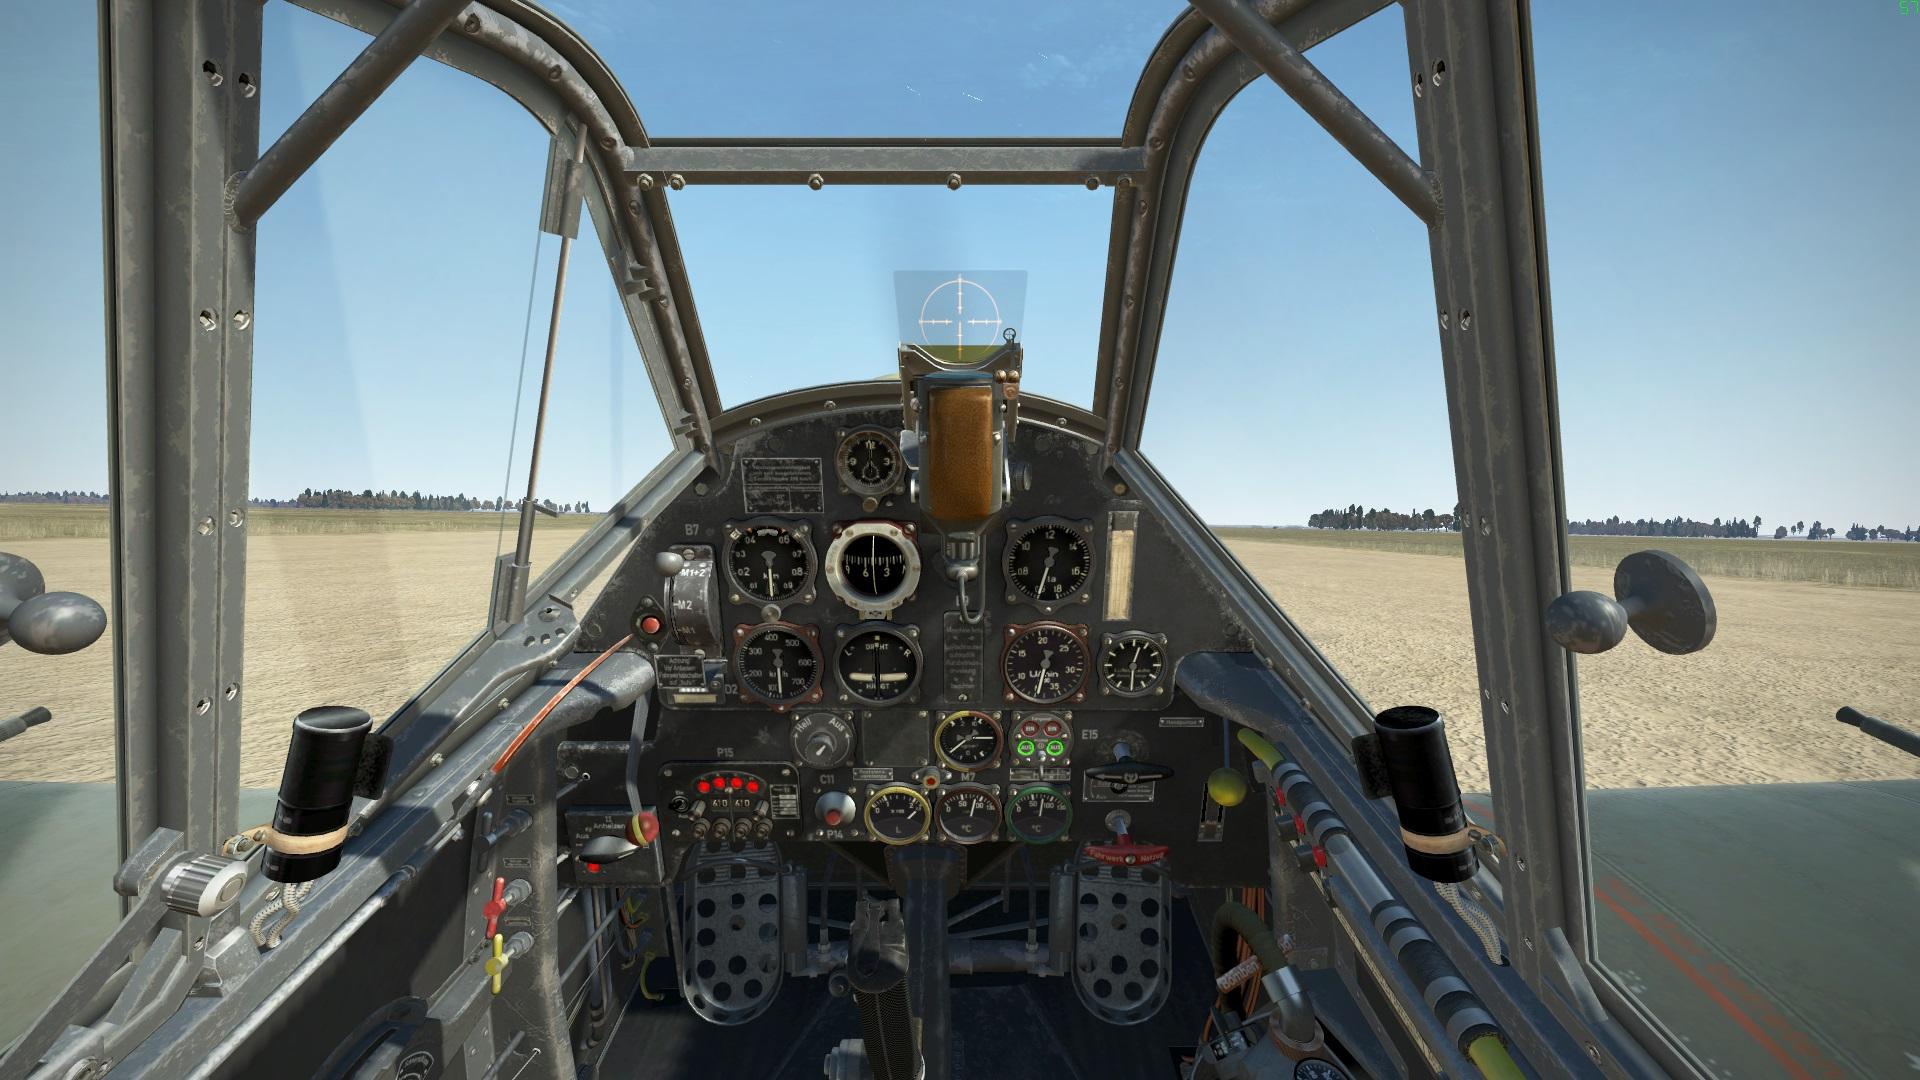 Bf 109 E-7 Cockpit, Bild von Kaltkori, Gemeinfrei